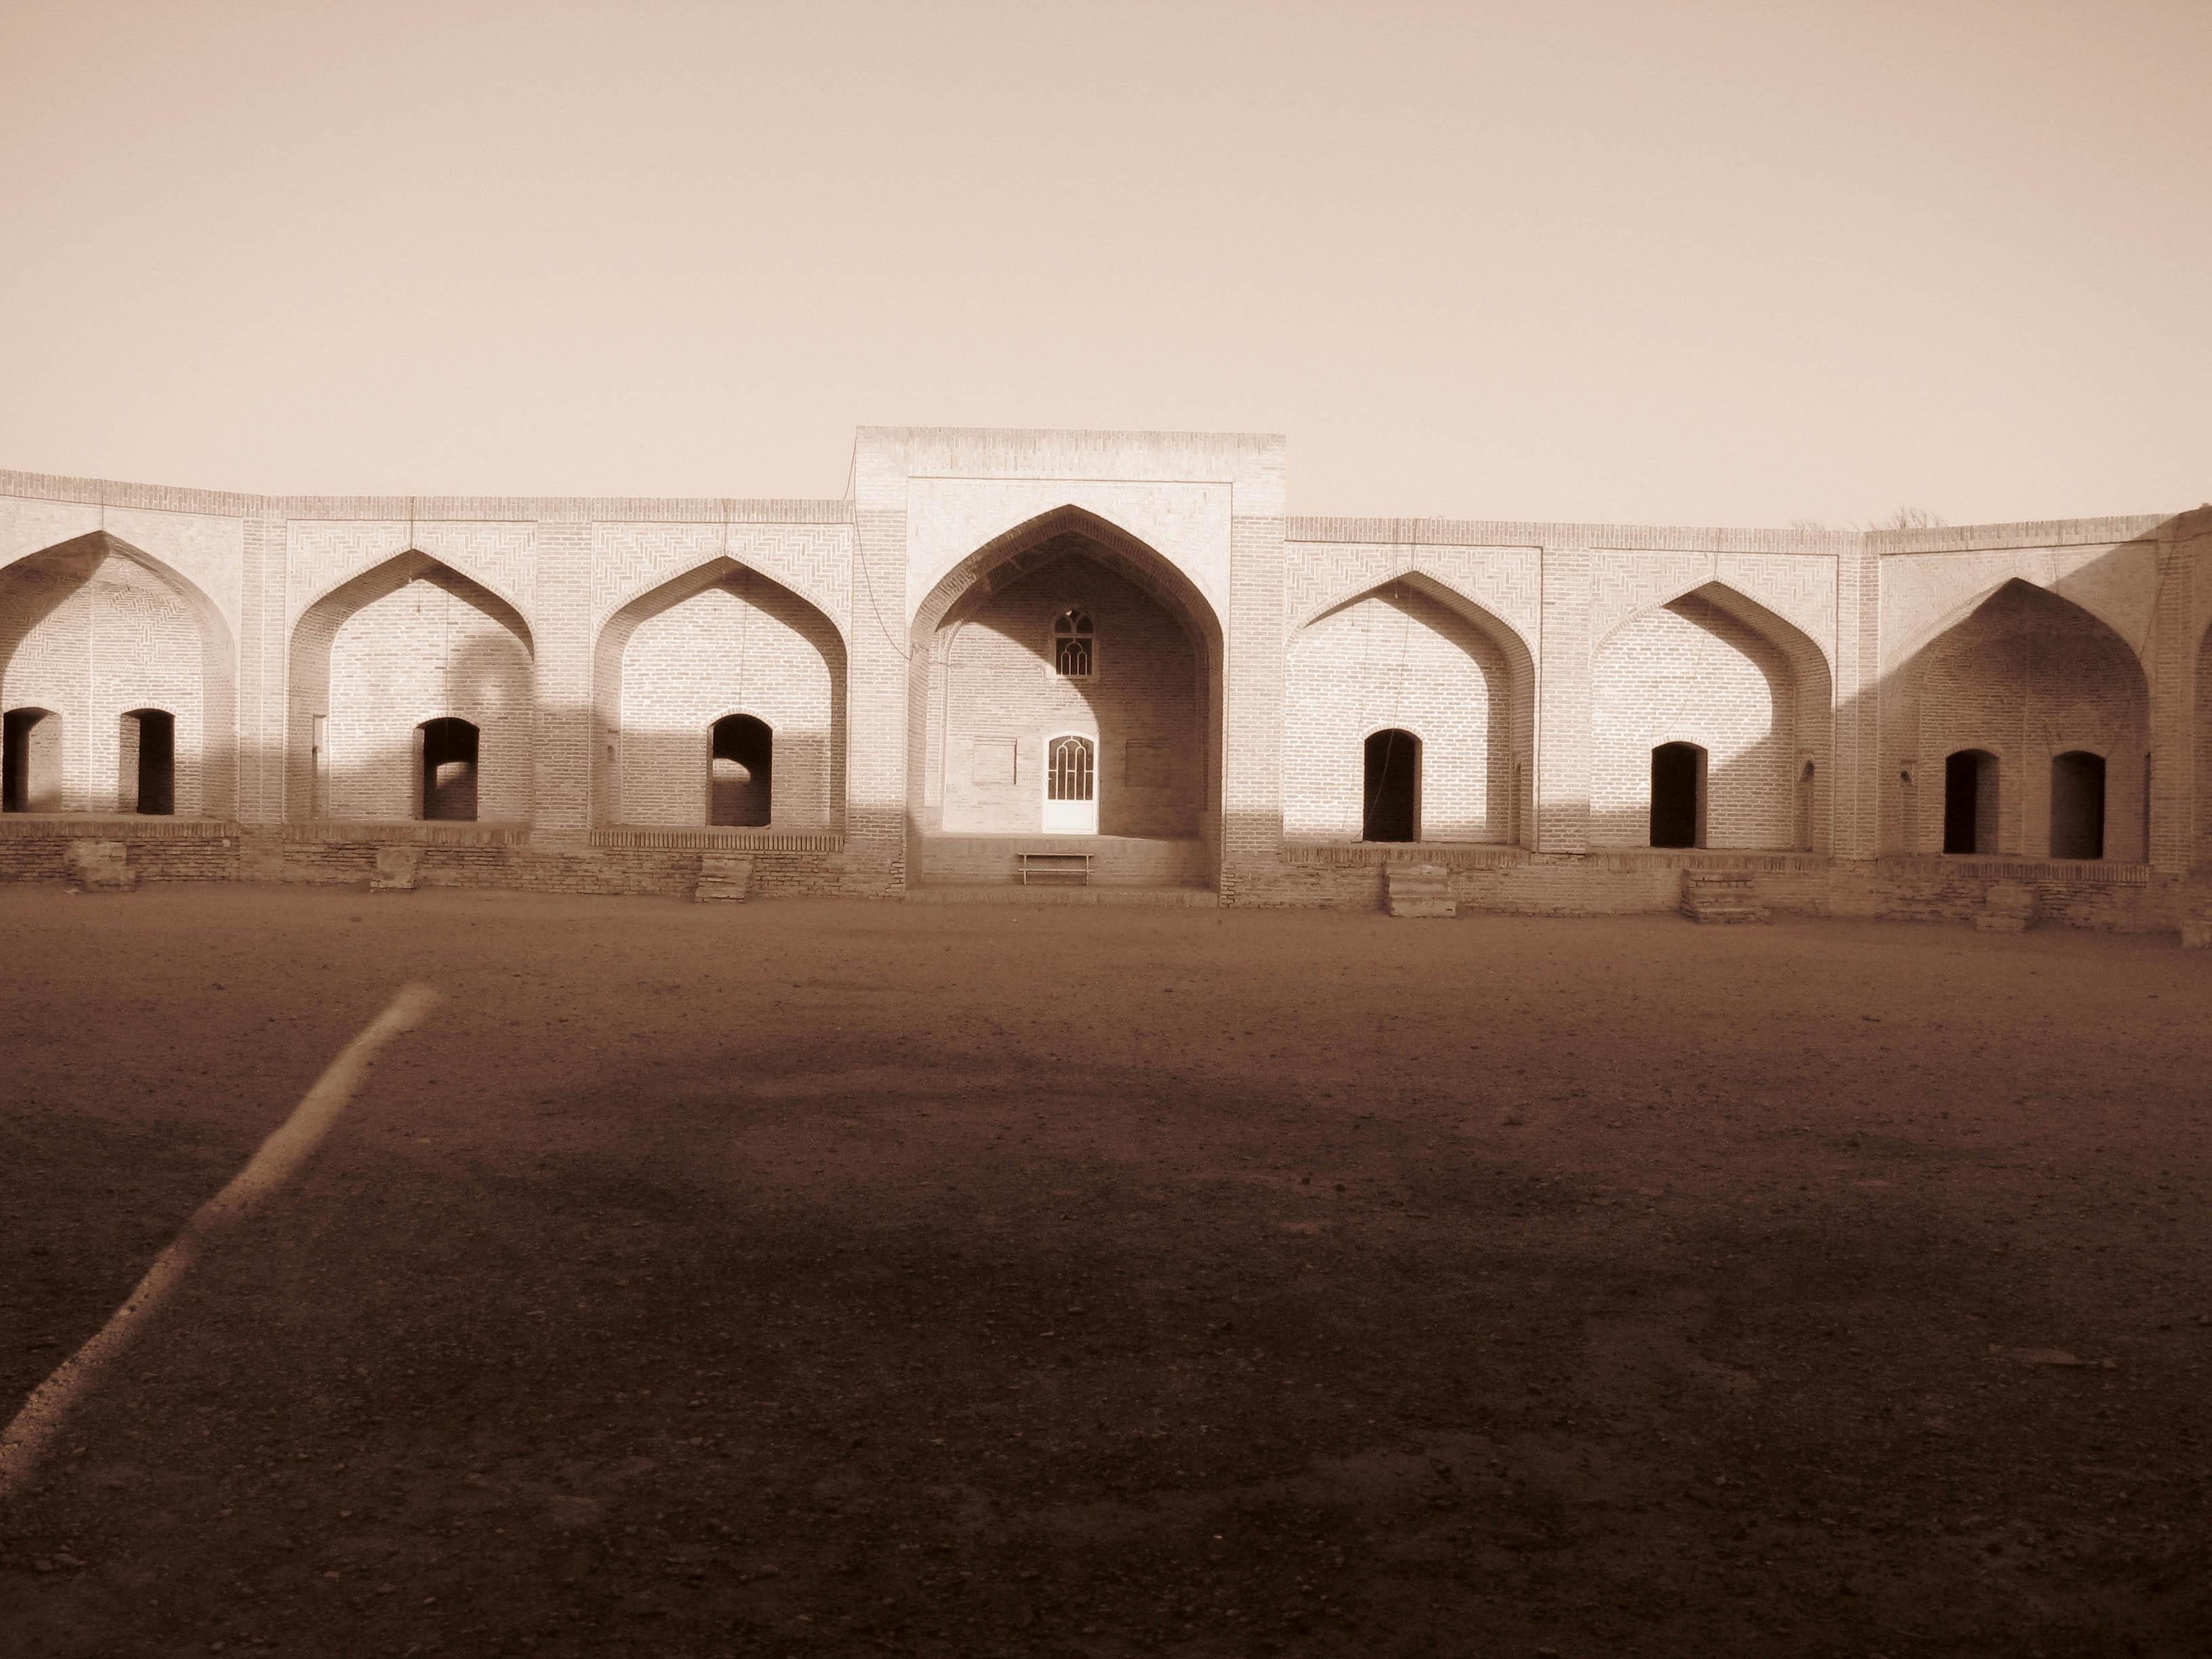 Karvansaray in middle of Desert